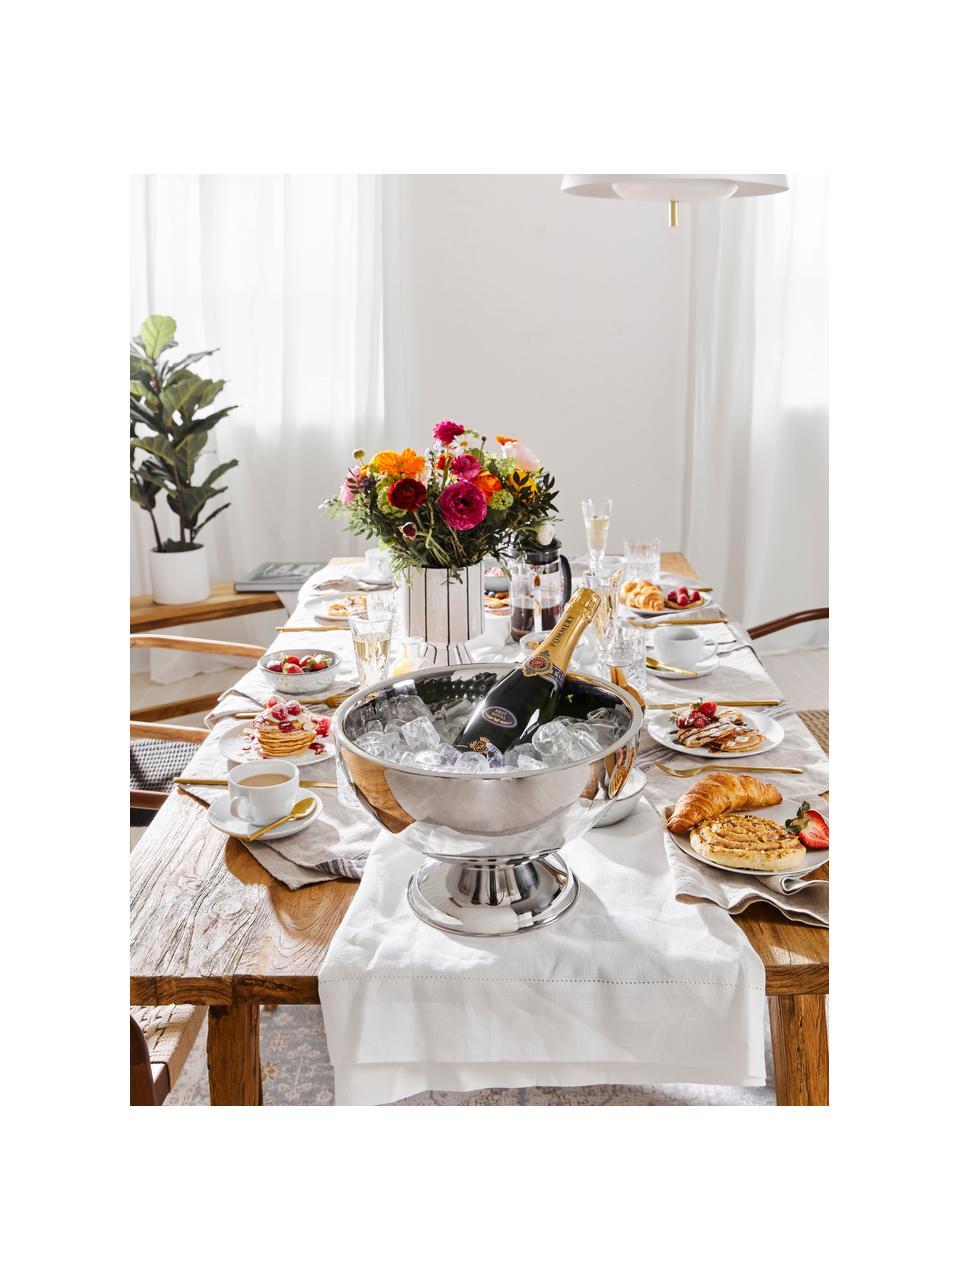 Tovaglia in lino con orlo a giorno Alanta, Bianco crema, Per 4-6 persone  (Larg. 130 x Lung. 170 cm)